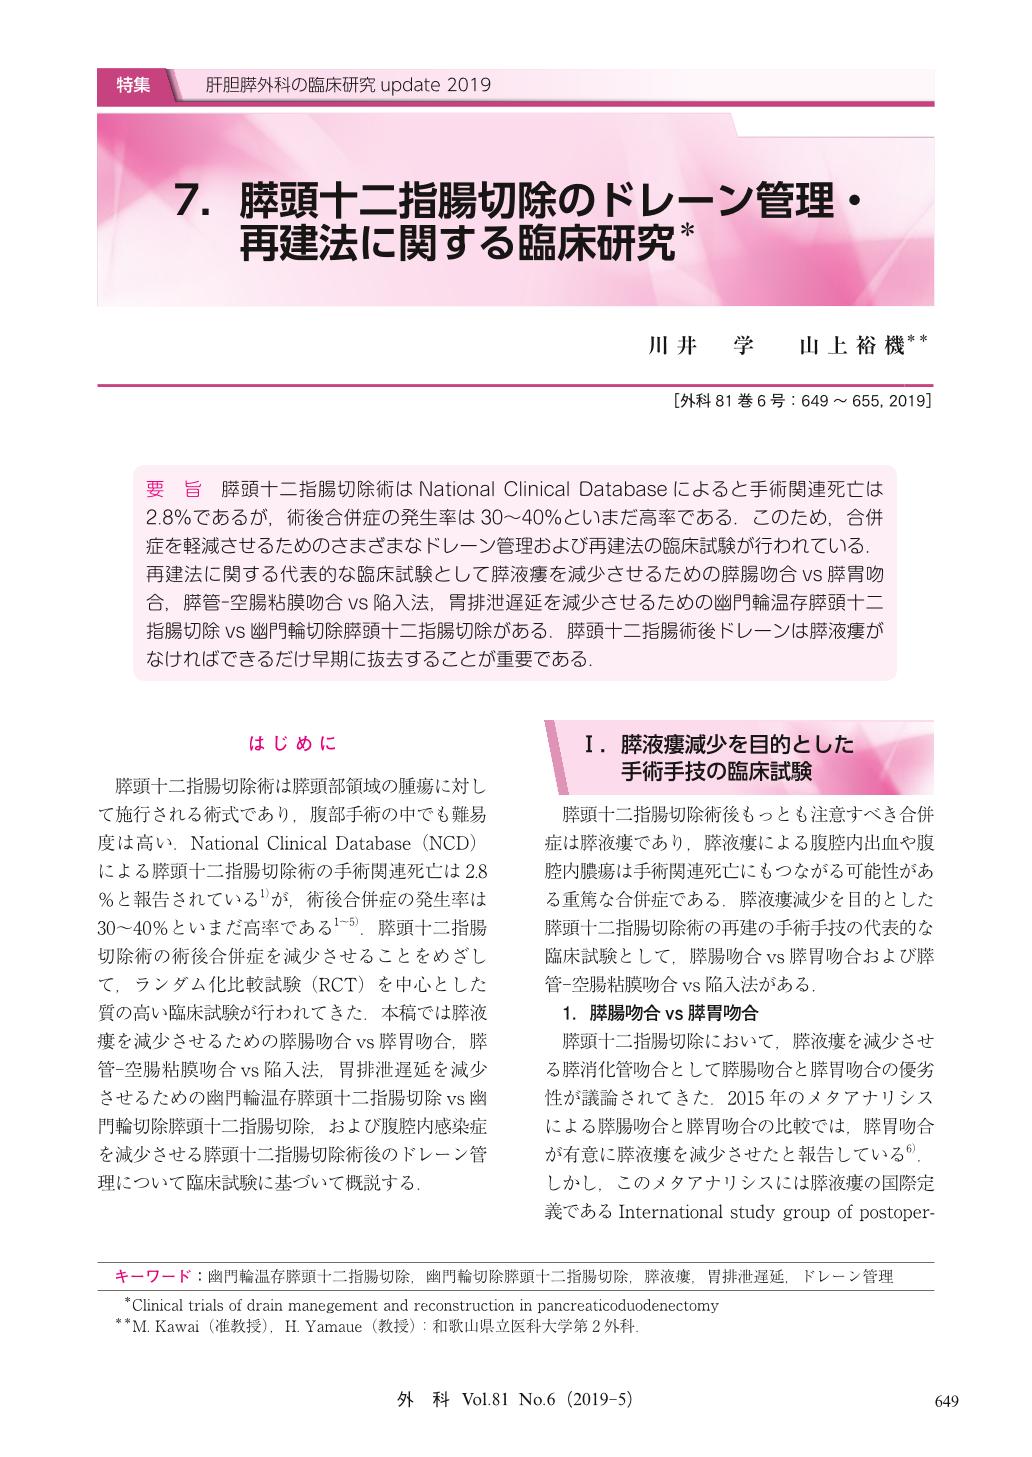 7.膵頭十二指腸切除のドレーン管理・再建法に関する臨床研究 ...